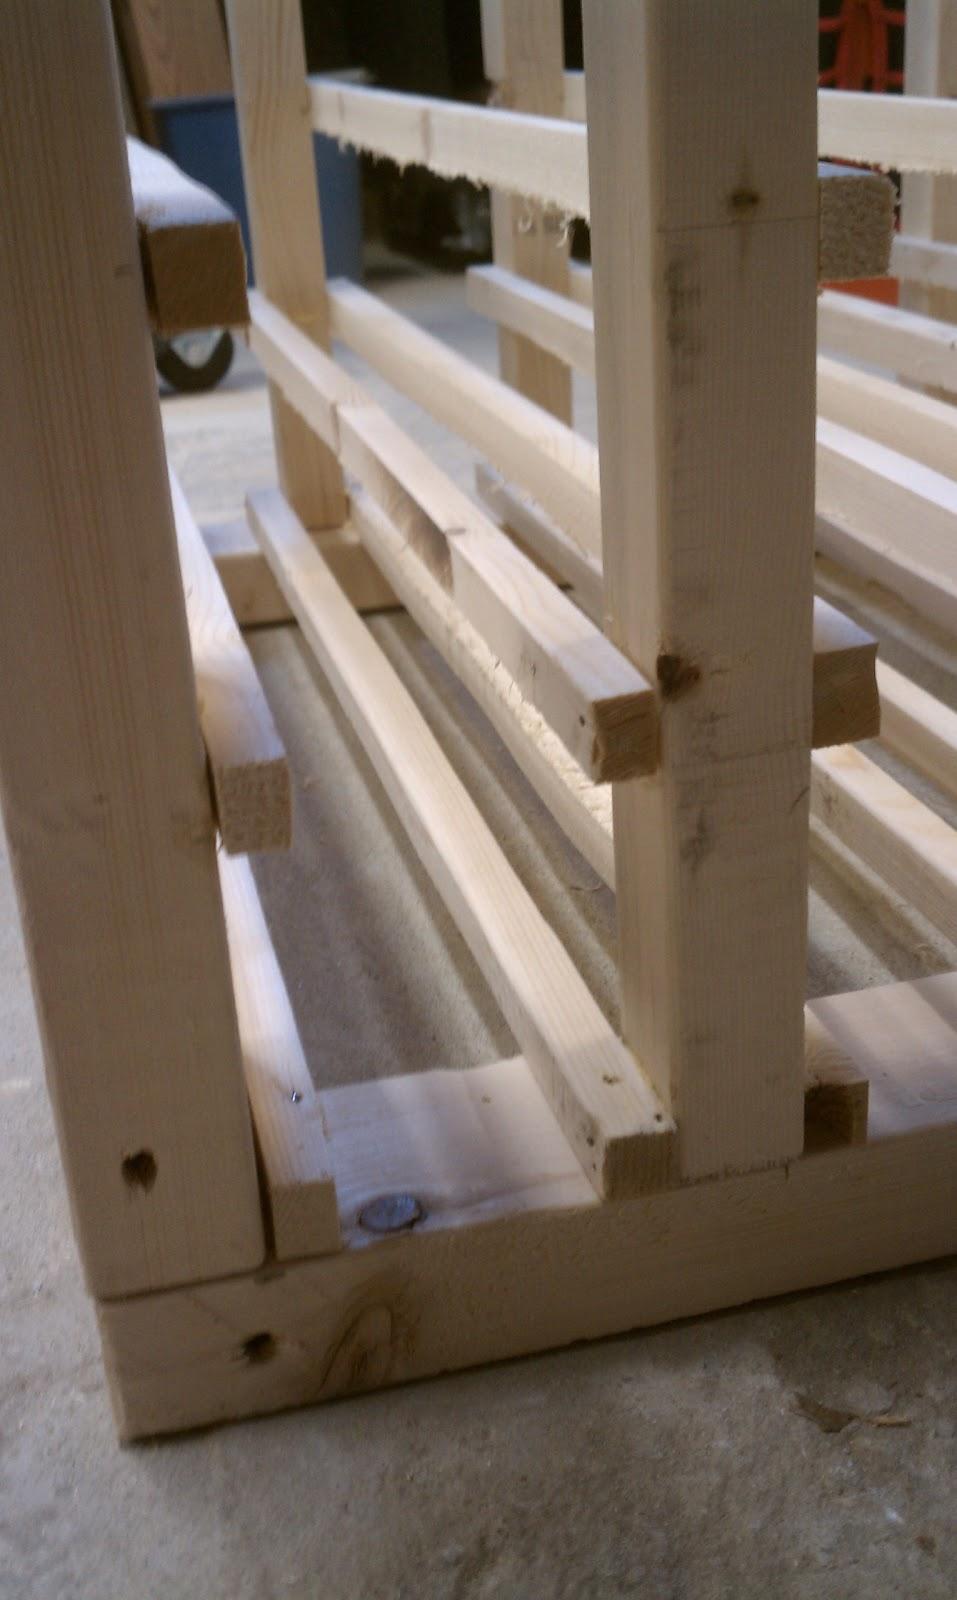 Cath easy wine rack plans vertical wood plans us uk ca for Vertical lumber storage rack